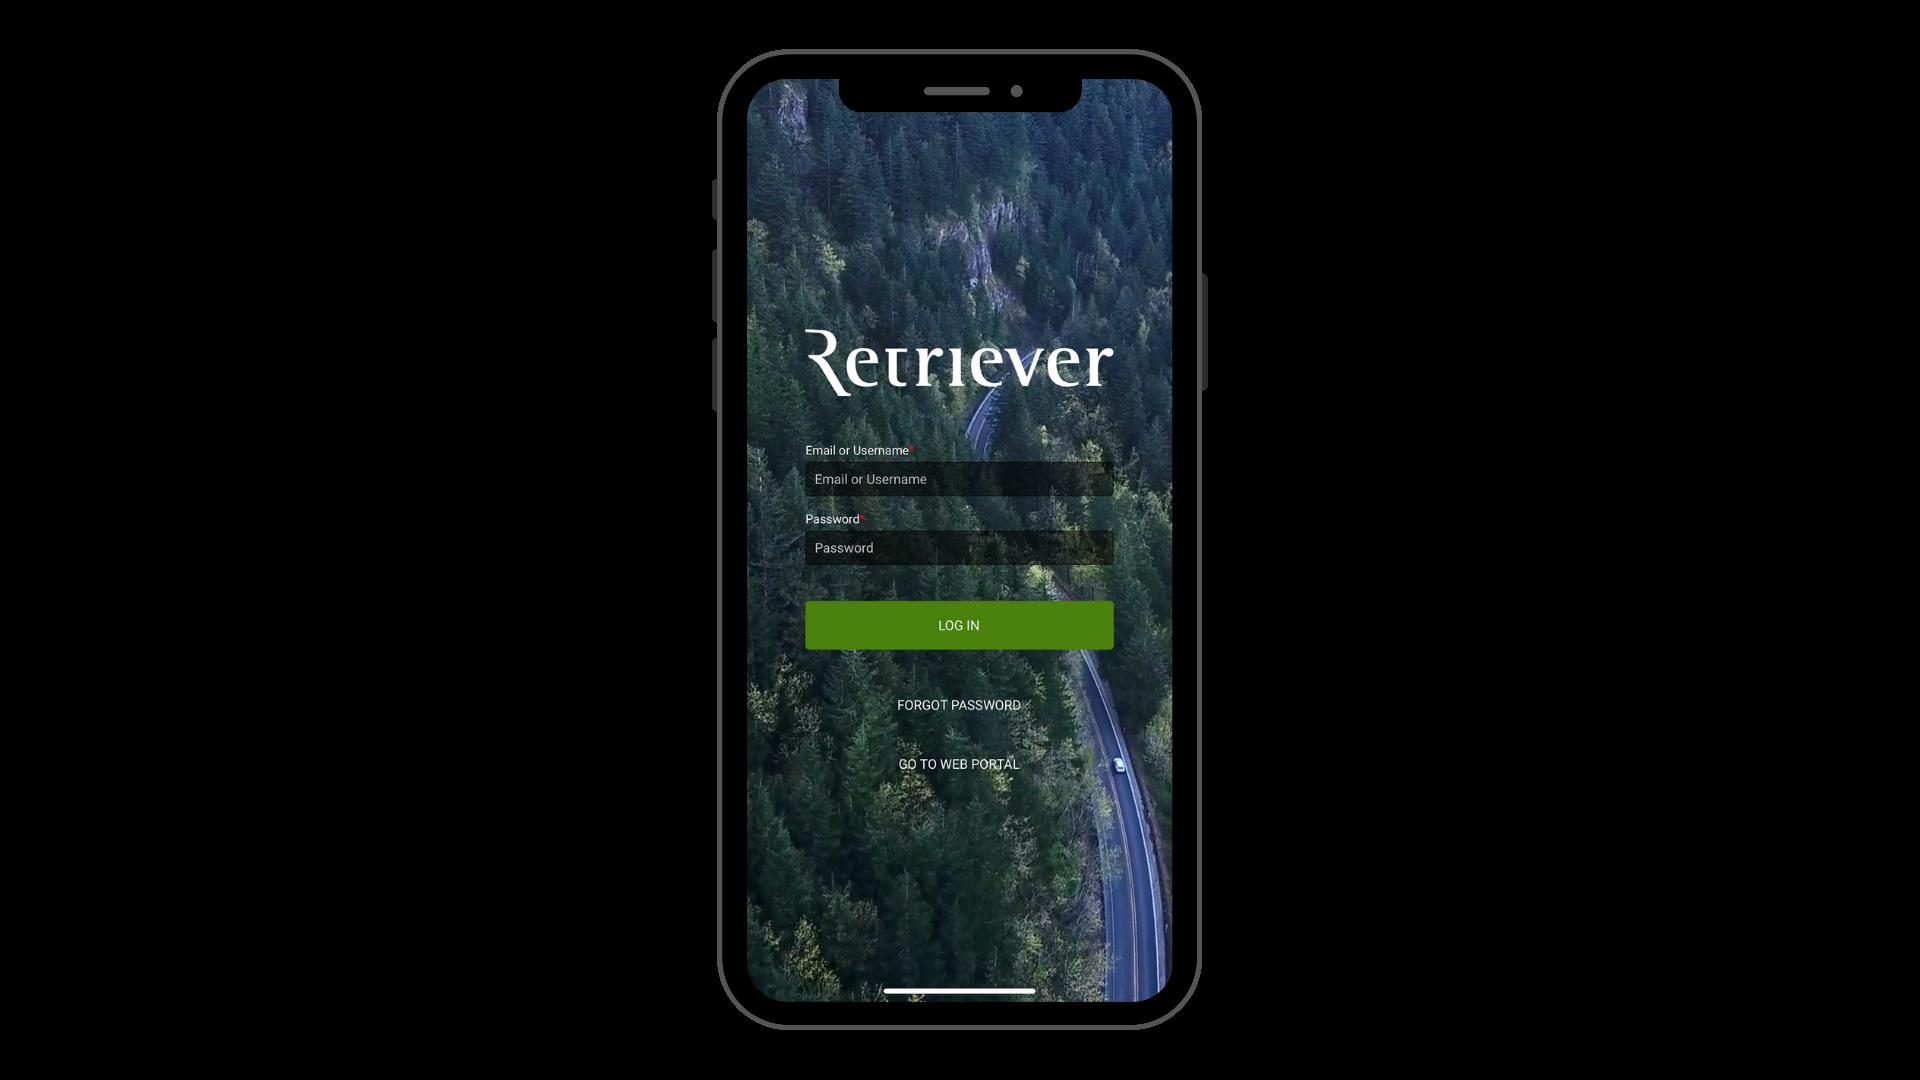 se-slider-retriever-app-image-0-start-v1